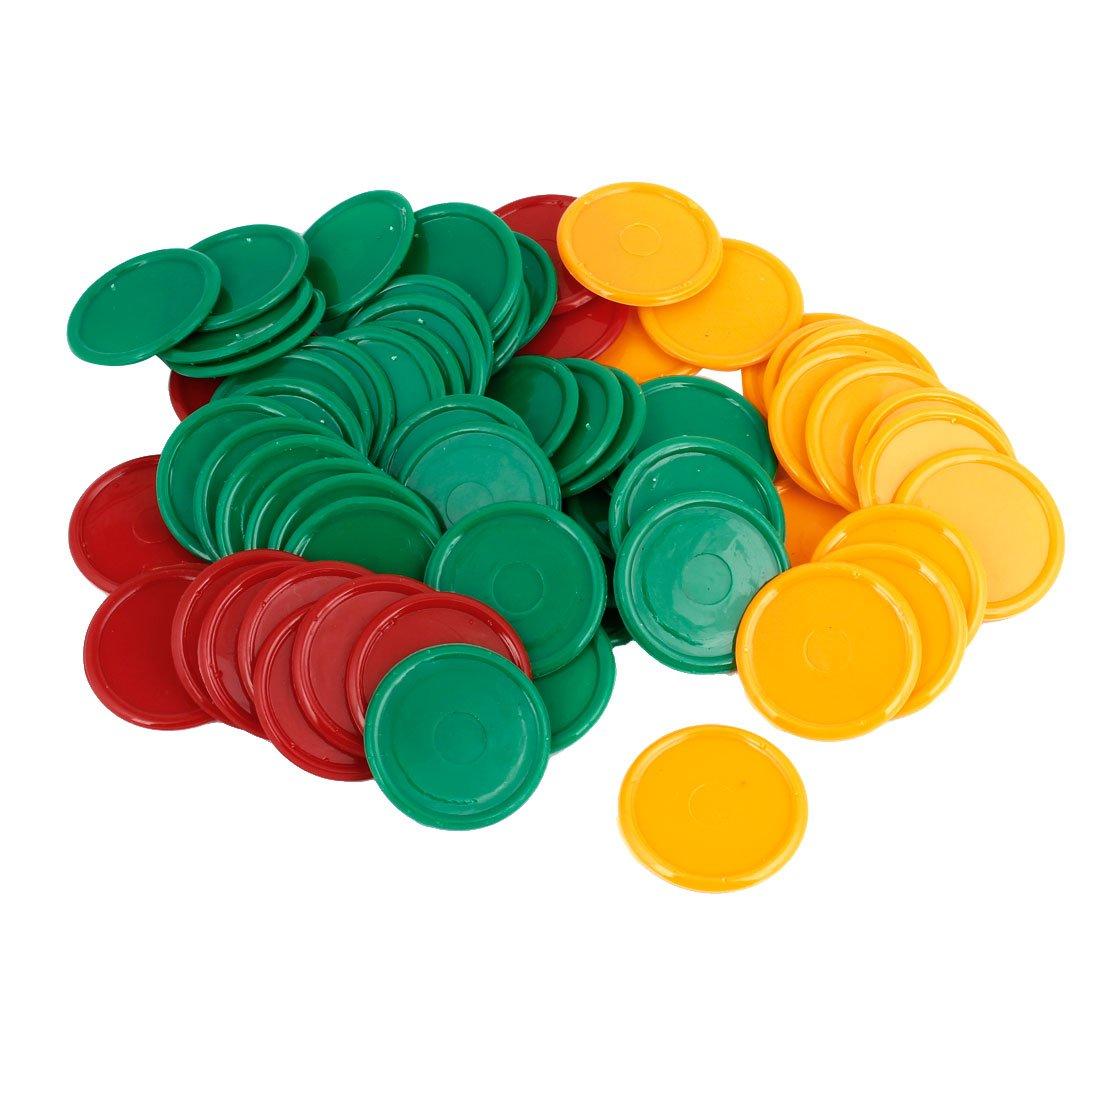 Vert Jaune Rouge 68 pièces en plastique Forme ronde Pocker Jeu de puces Sourcingmap a14053000ux0365